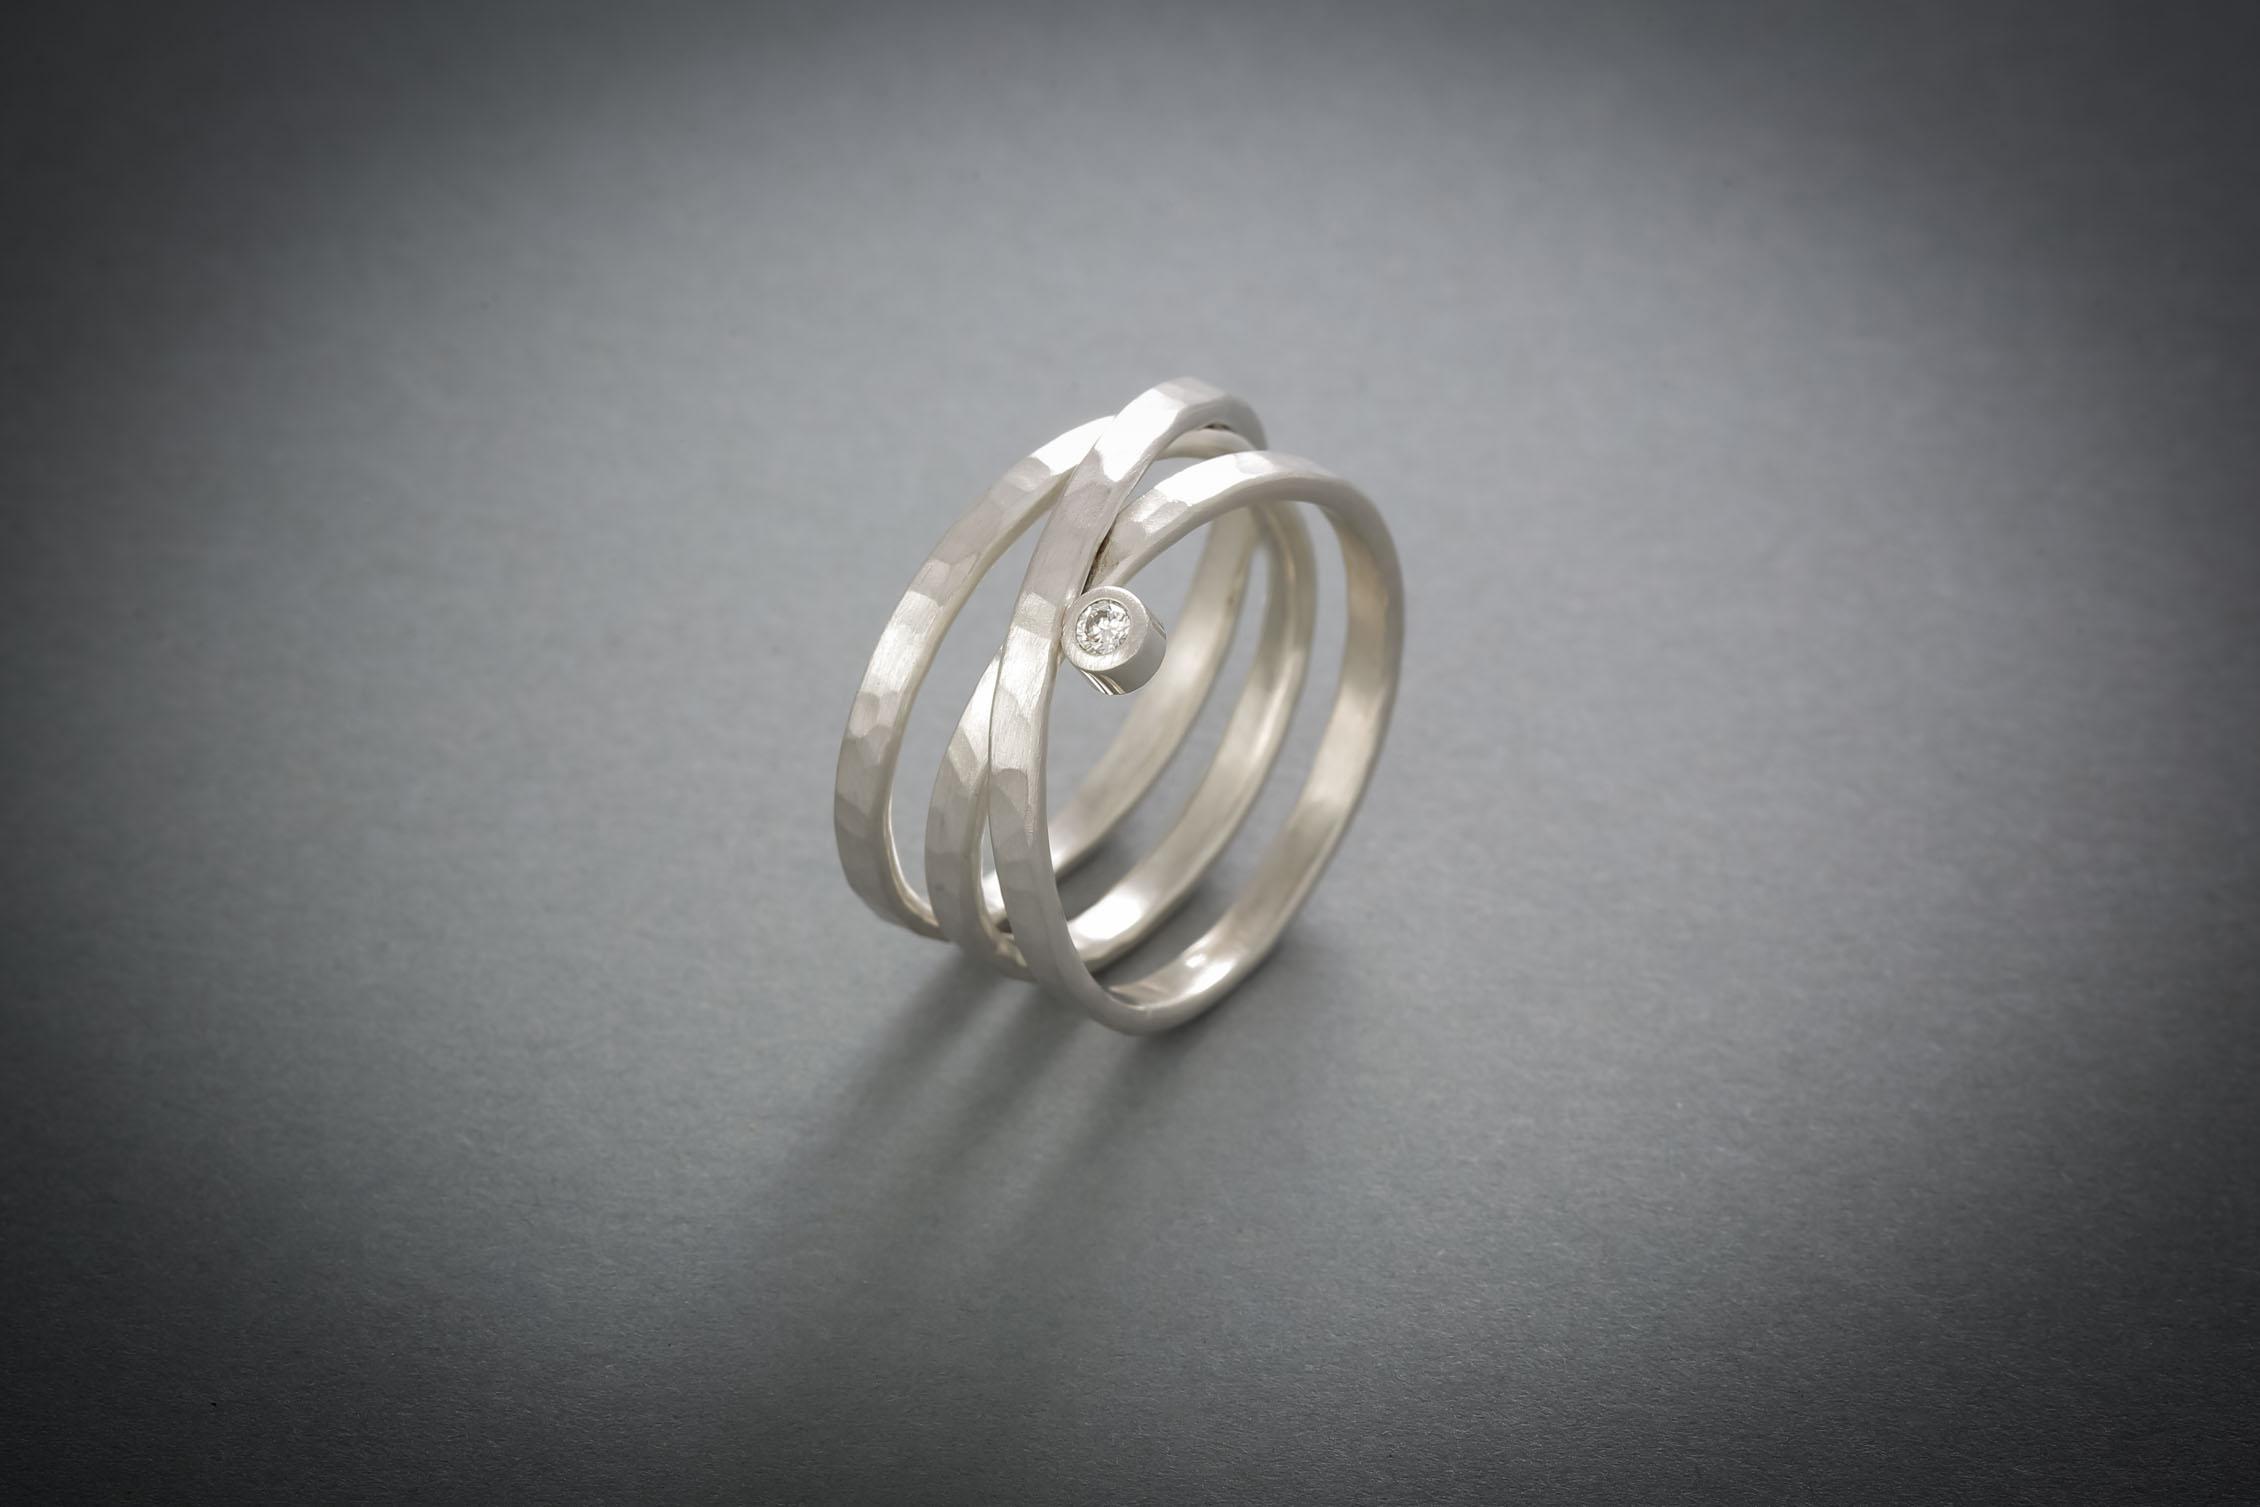 001 Silberring, geschmiedet, Brillant € 228,-